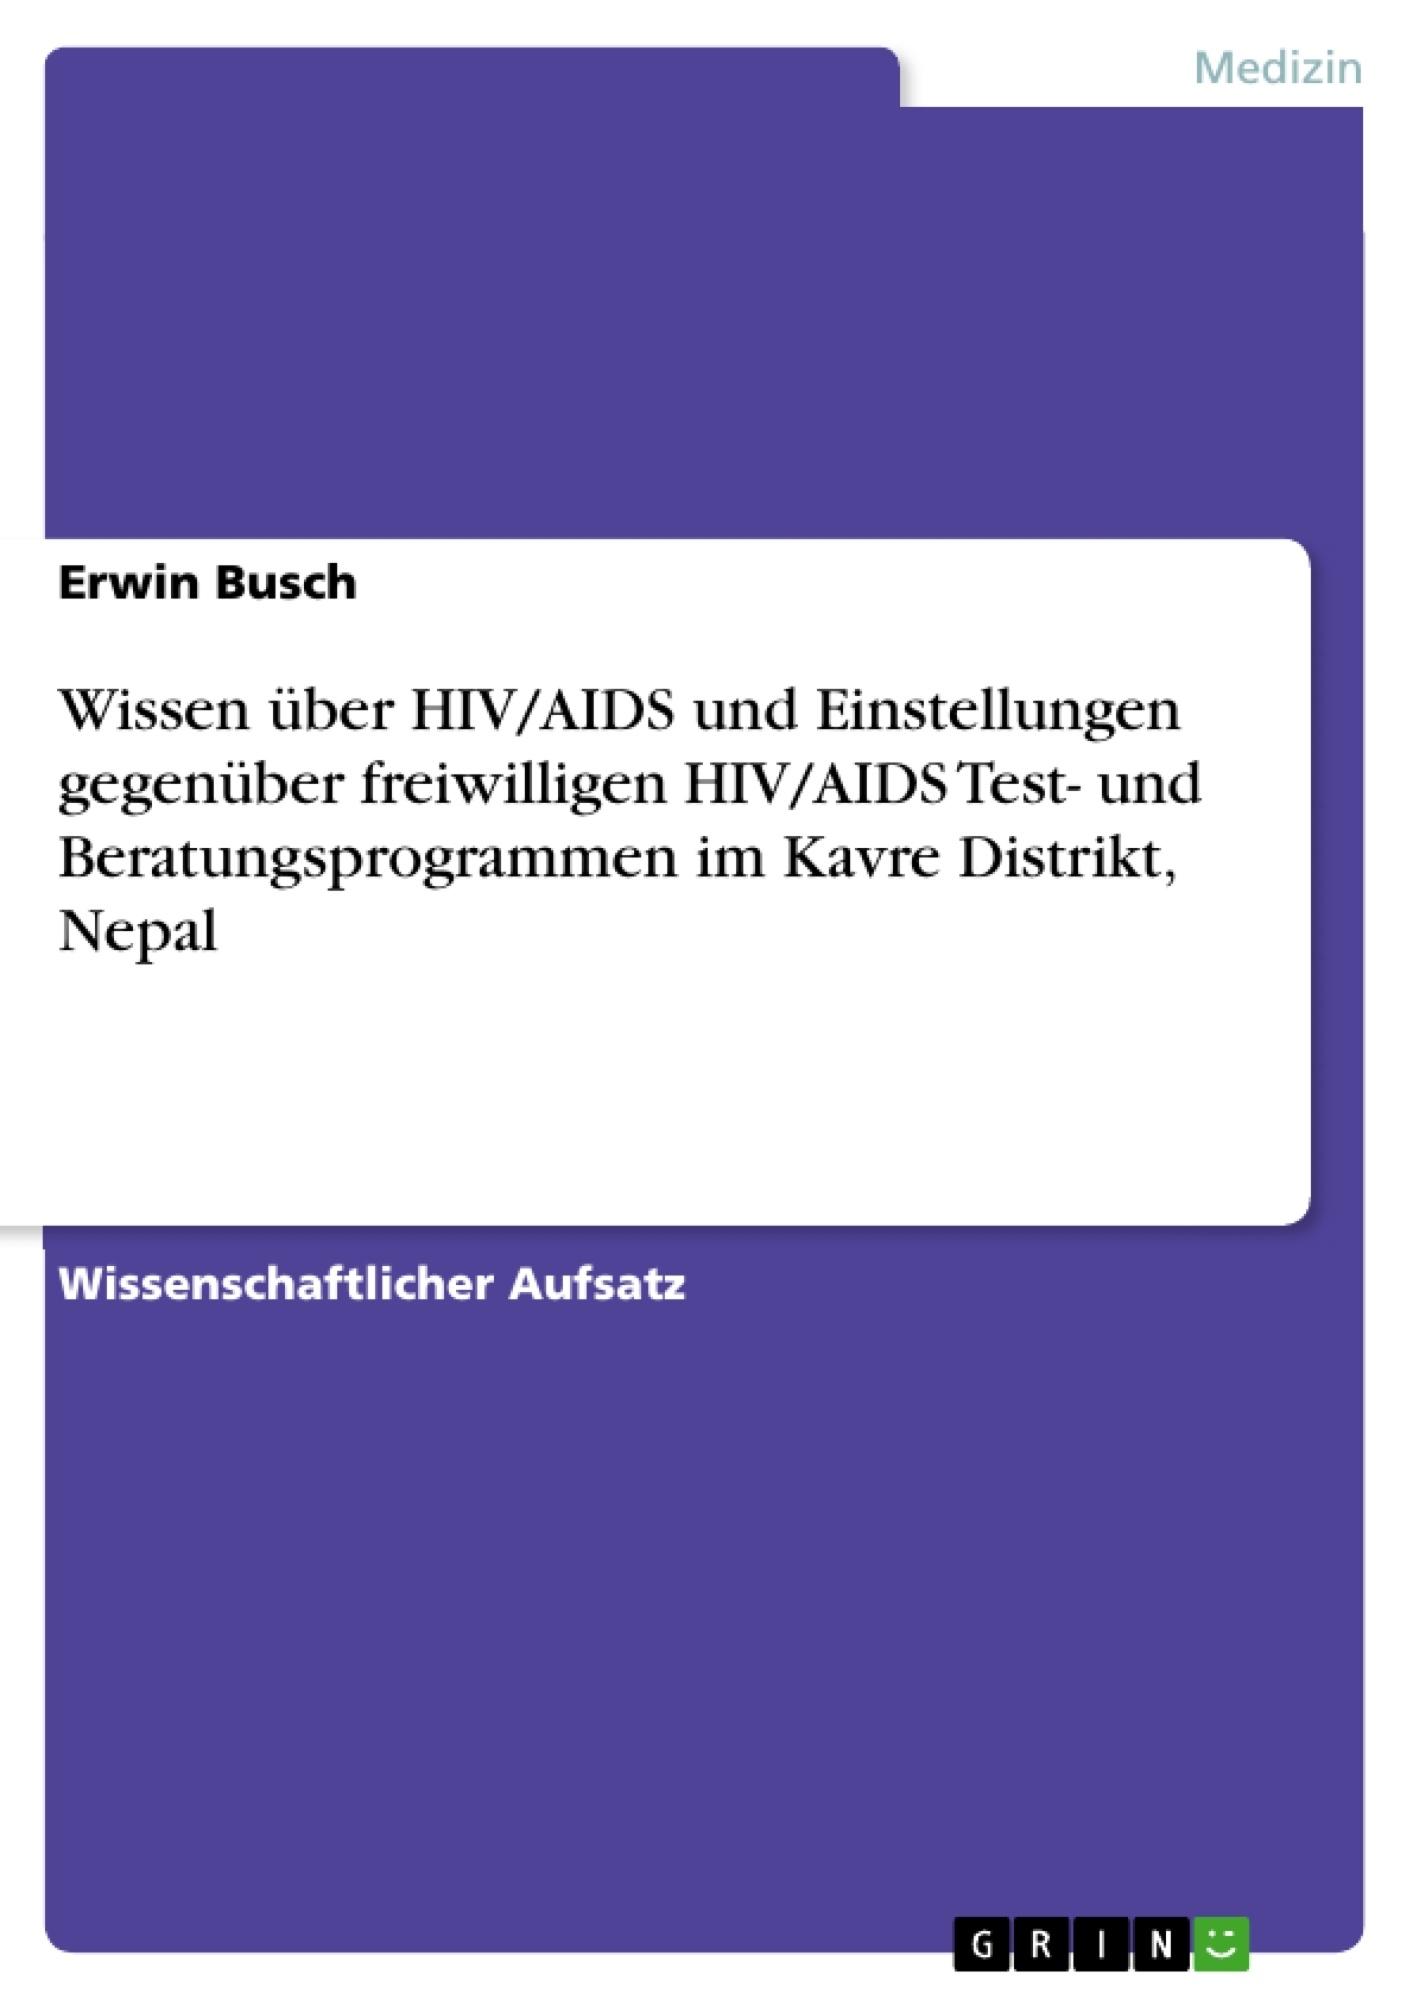 Titel: Wissen über HIV/AIDS und Einstellungen gegenüber freiwilligen HIV/AIDS Test- und Beratungsprogrammen im Kavre Distrikt, Nepal